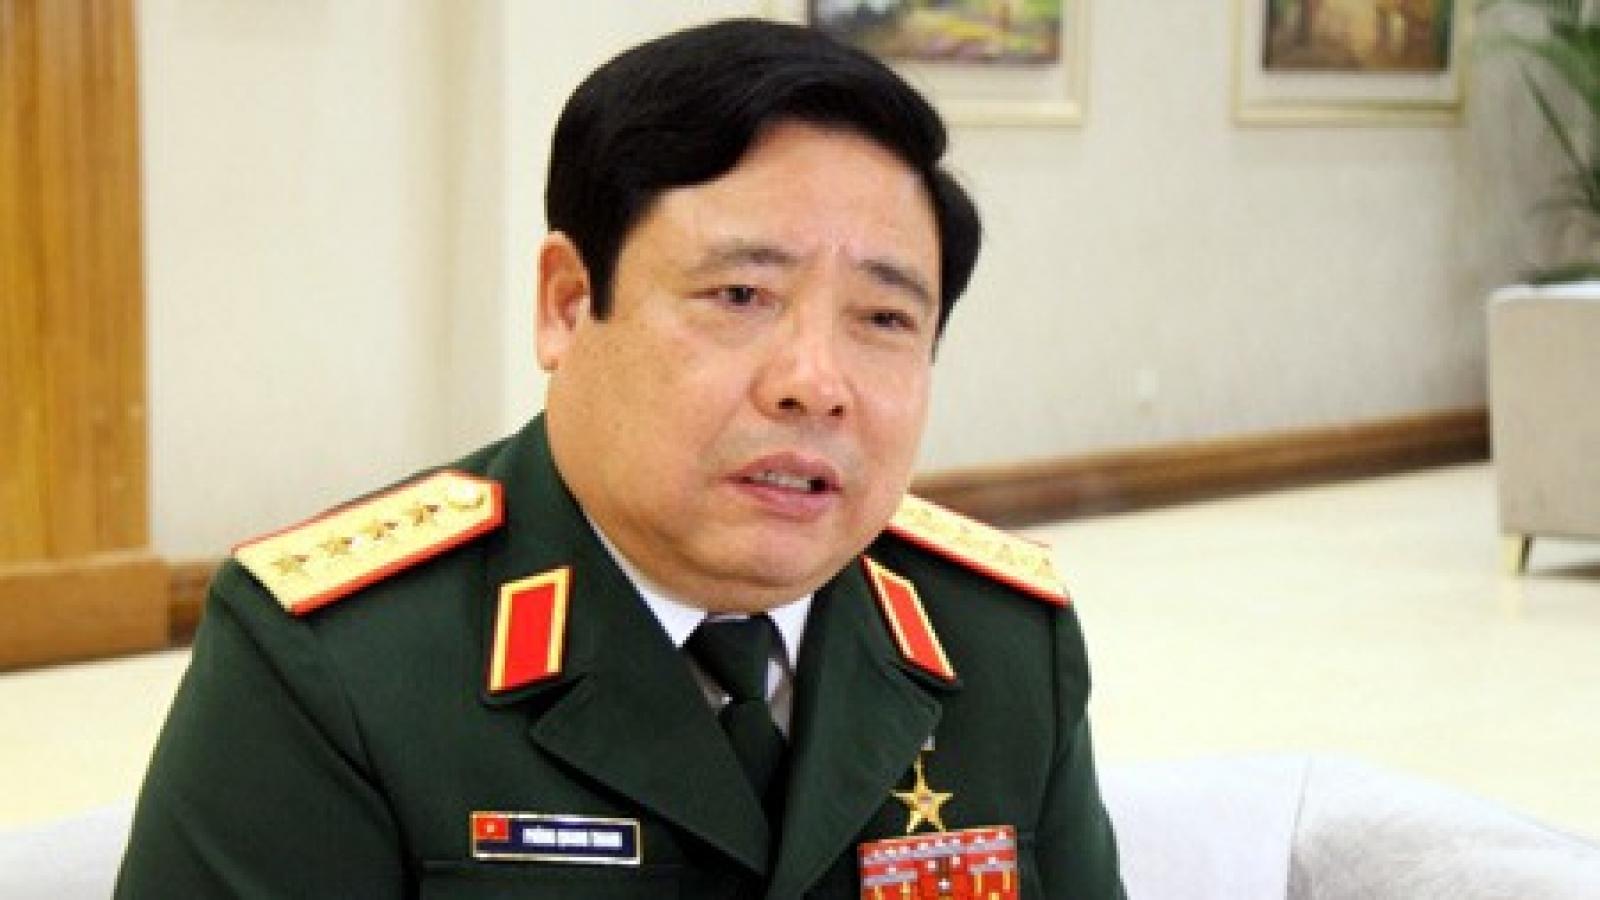 Dấu ấn đặc biệt của Đại tướng Phùng Quang Thanh trong Sách trắng Quốc phòng 2009